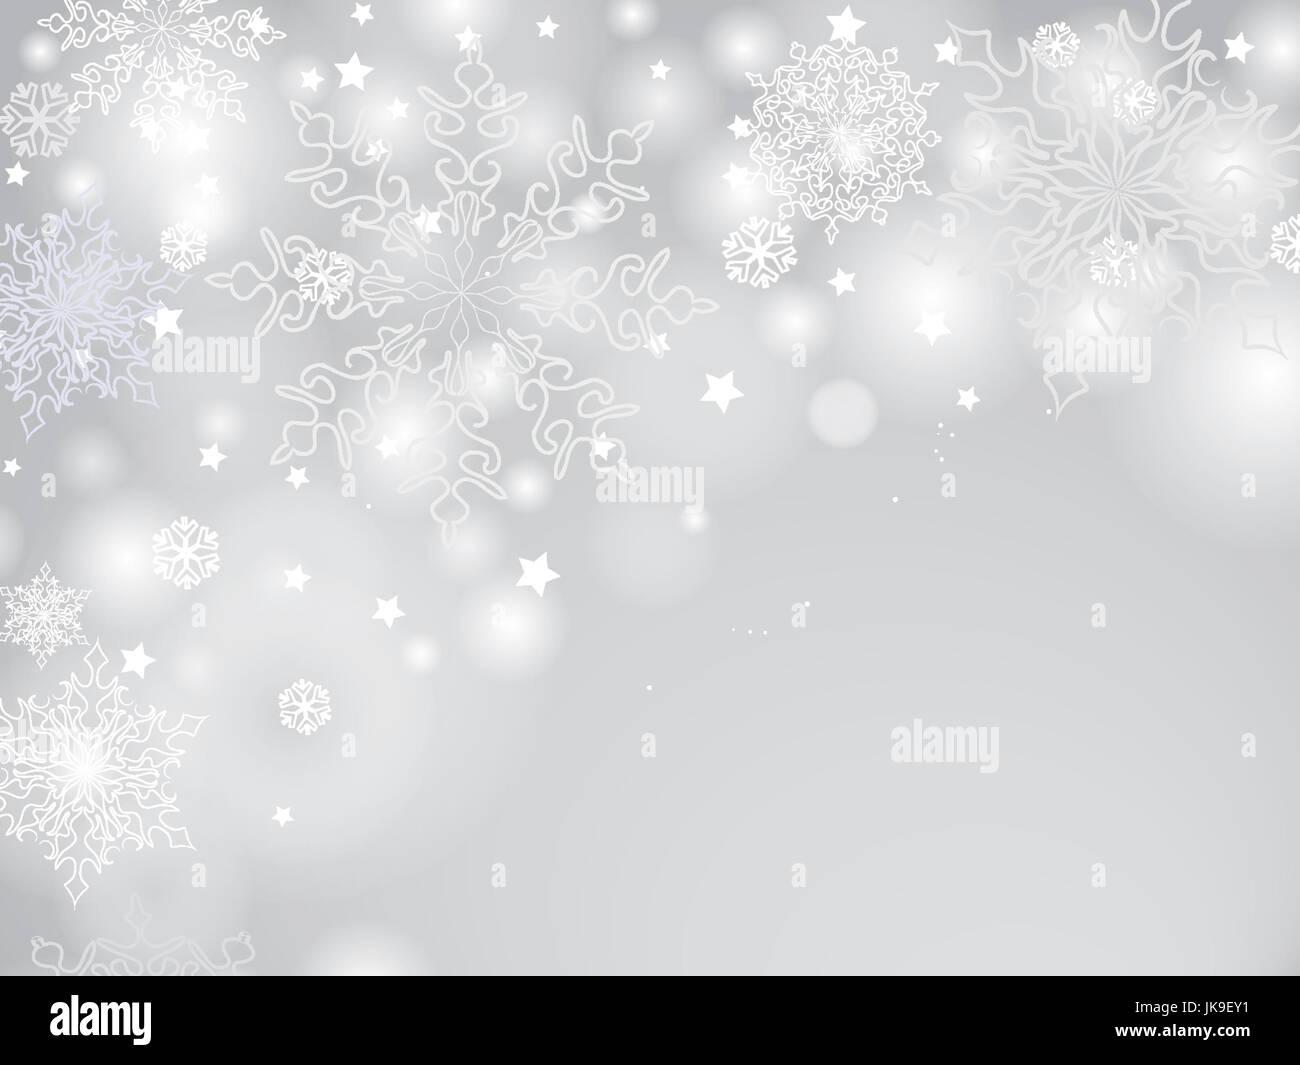 Hintergrund Weihnachten.Weihnachten Hintergrund Mit Schneeflocken Weihnachtsbaum